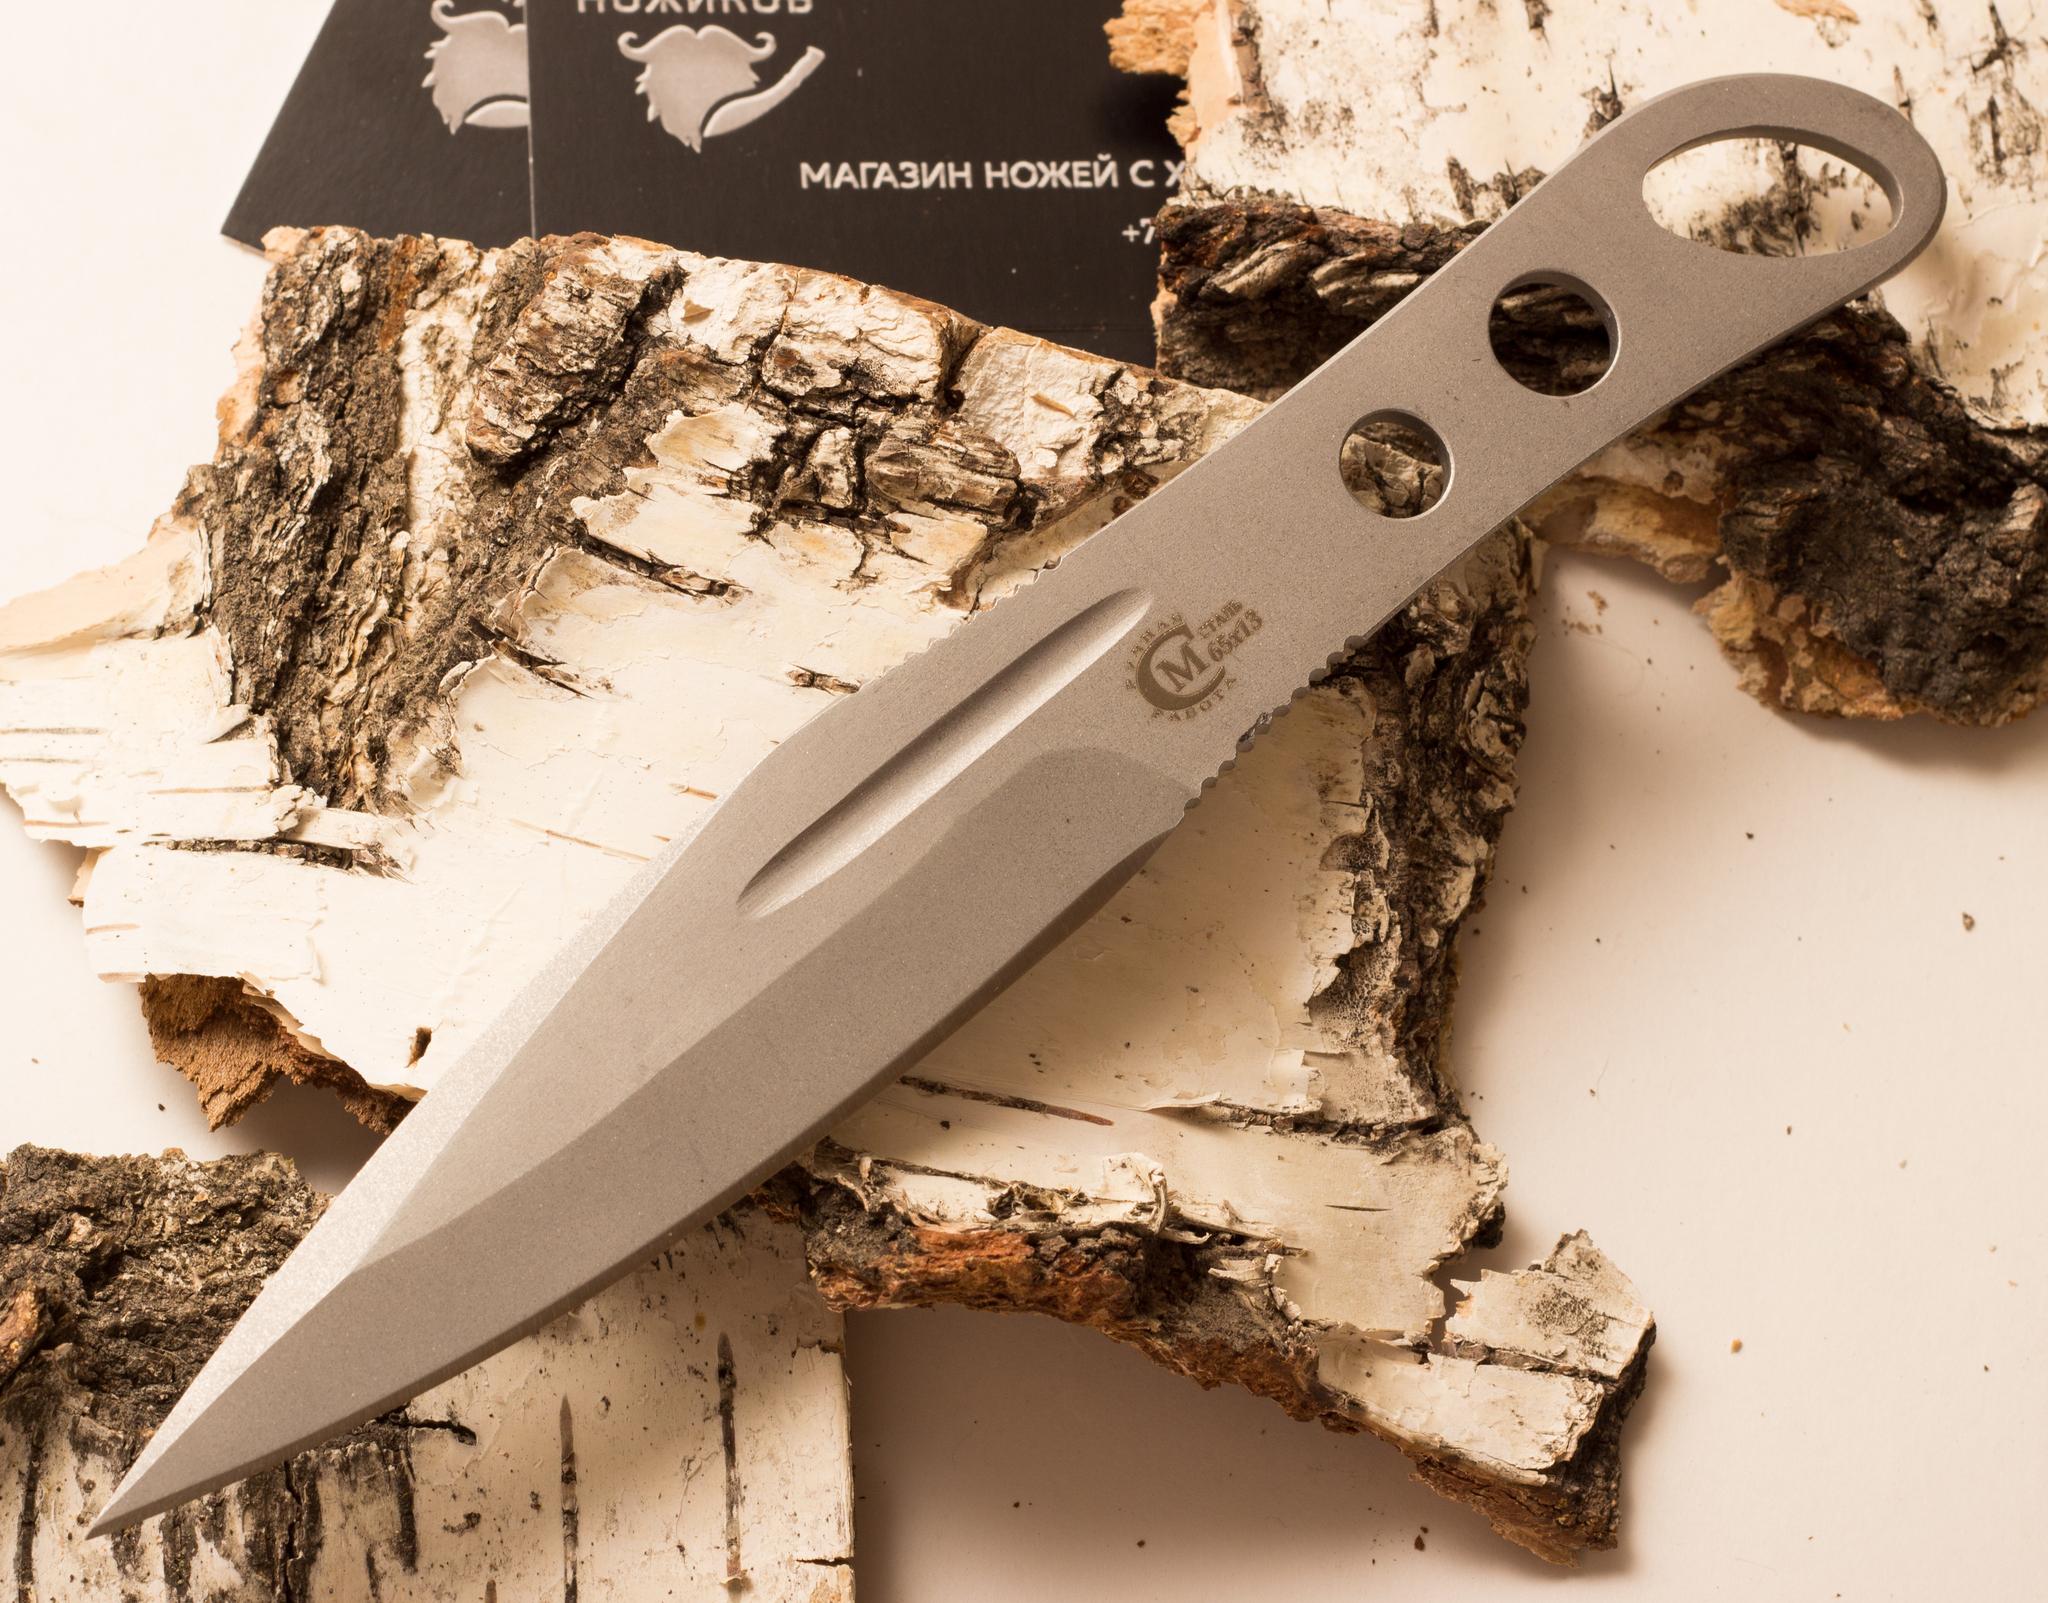 Нож «Перо», из нержавеющей стали 65х13Ножи из стали 65х13<br>Сталь 65Х13, нержавеющаяОбщая длина, мм 214Длина клинка, мм 113Ширина клинка, мм 29,7Толщина клинка, мм 5,6Длина рукояти, мм 101Толщина рукояти, мм 5,6Твёрдость клинка, HRC<br>